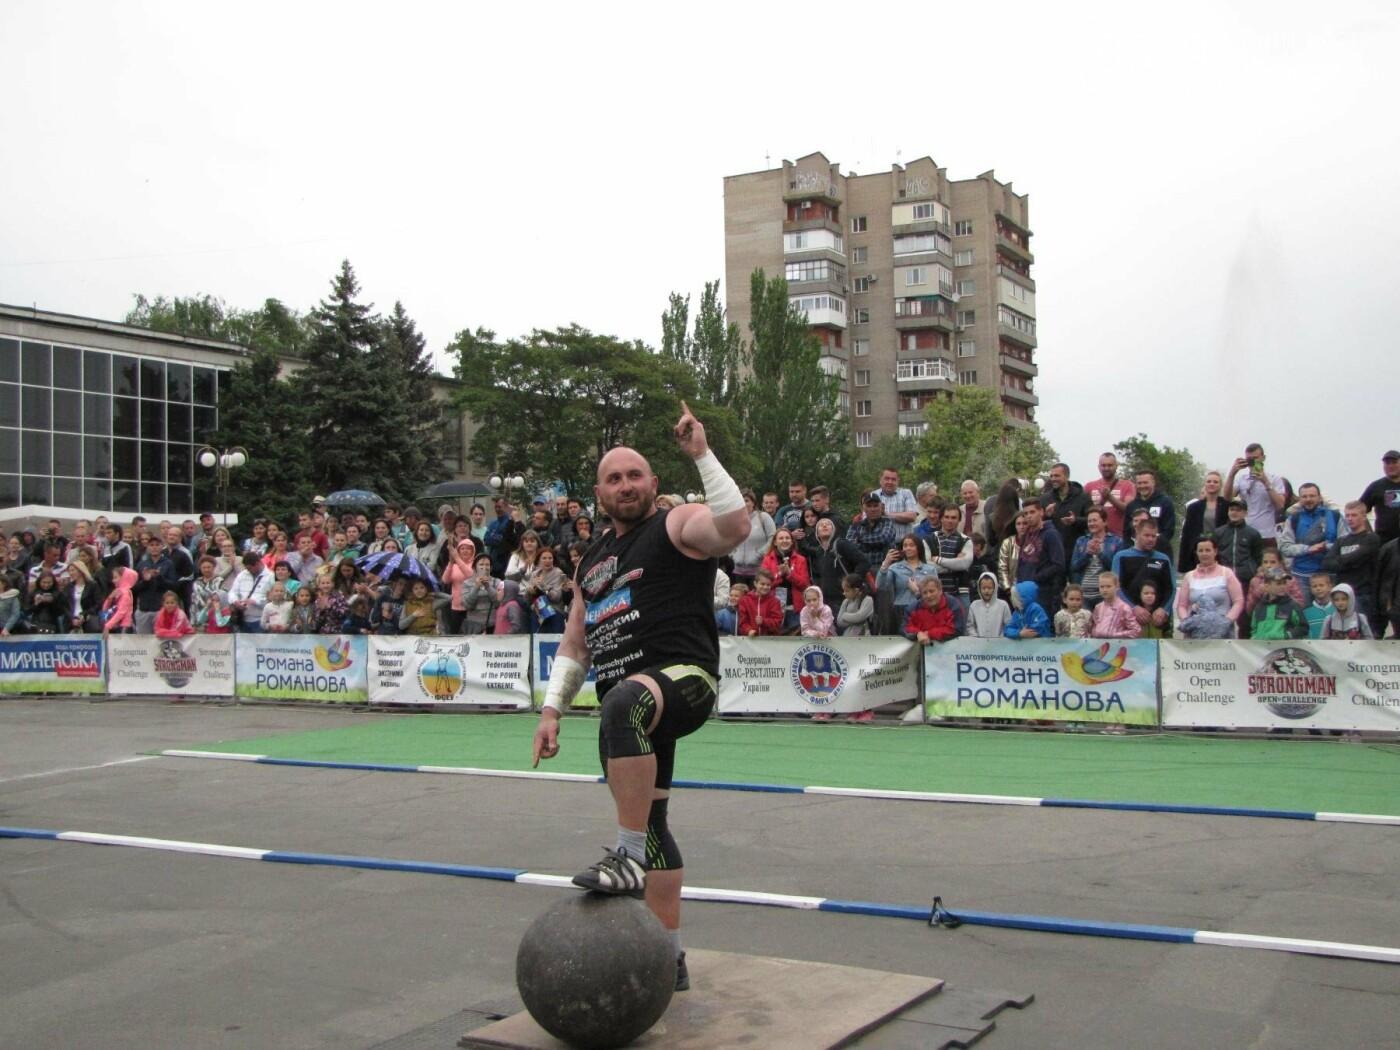 Три победы за неделю: мелитопольский богатырь выиграл второй этап международного чемпионата, фото-23